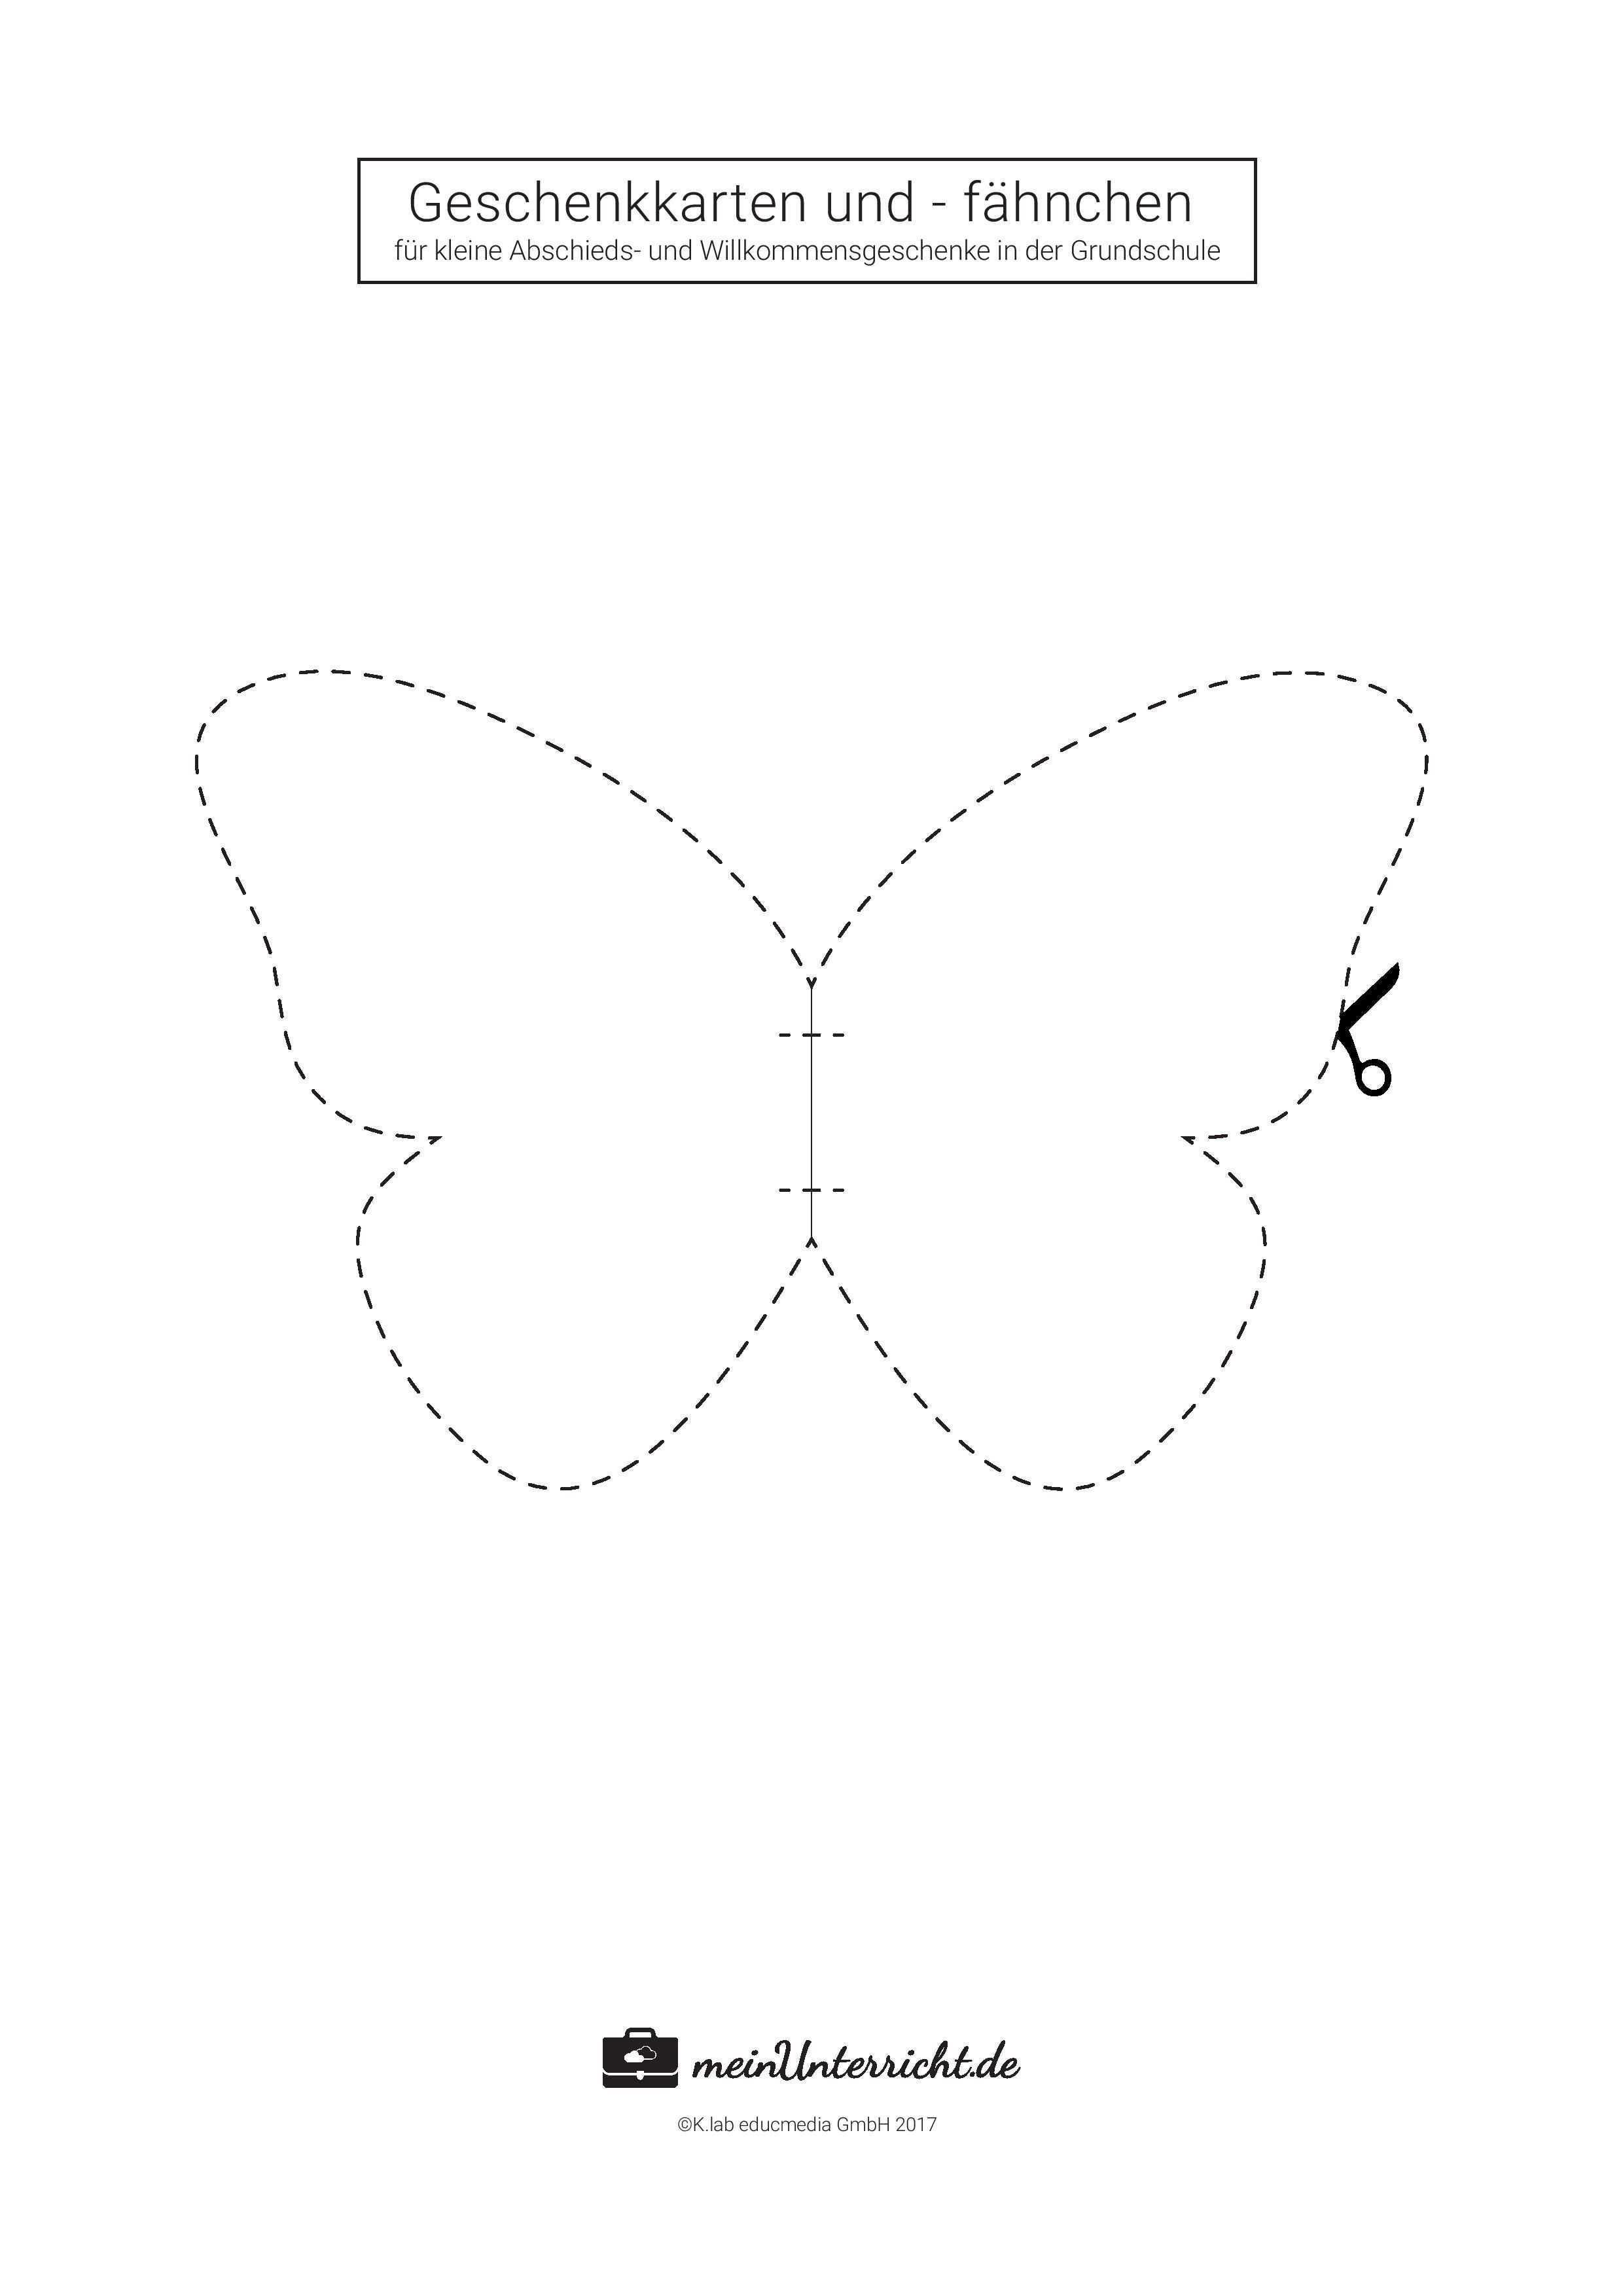 Kleine Geschenke Fur Schuler Meinunterricht De Geschenke Fur Schuler Schmetterling Vorlage Basteln Abschiedsgeschenk Kinder